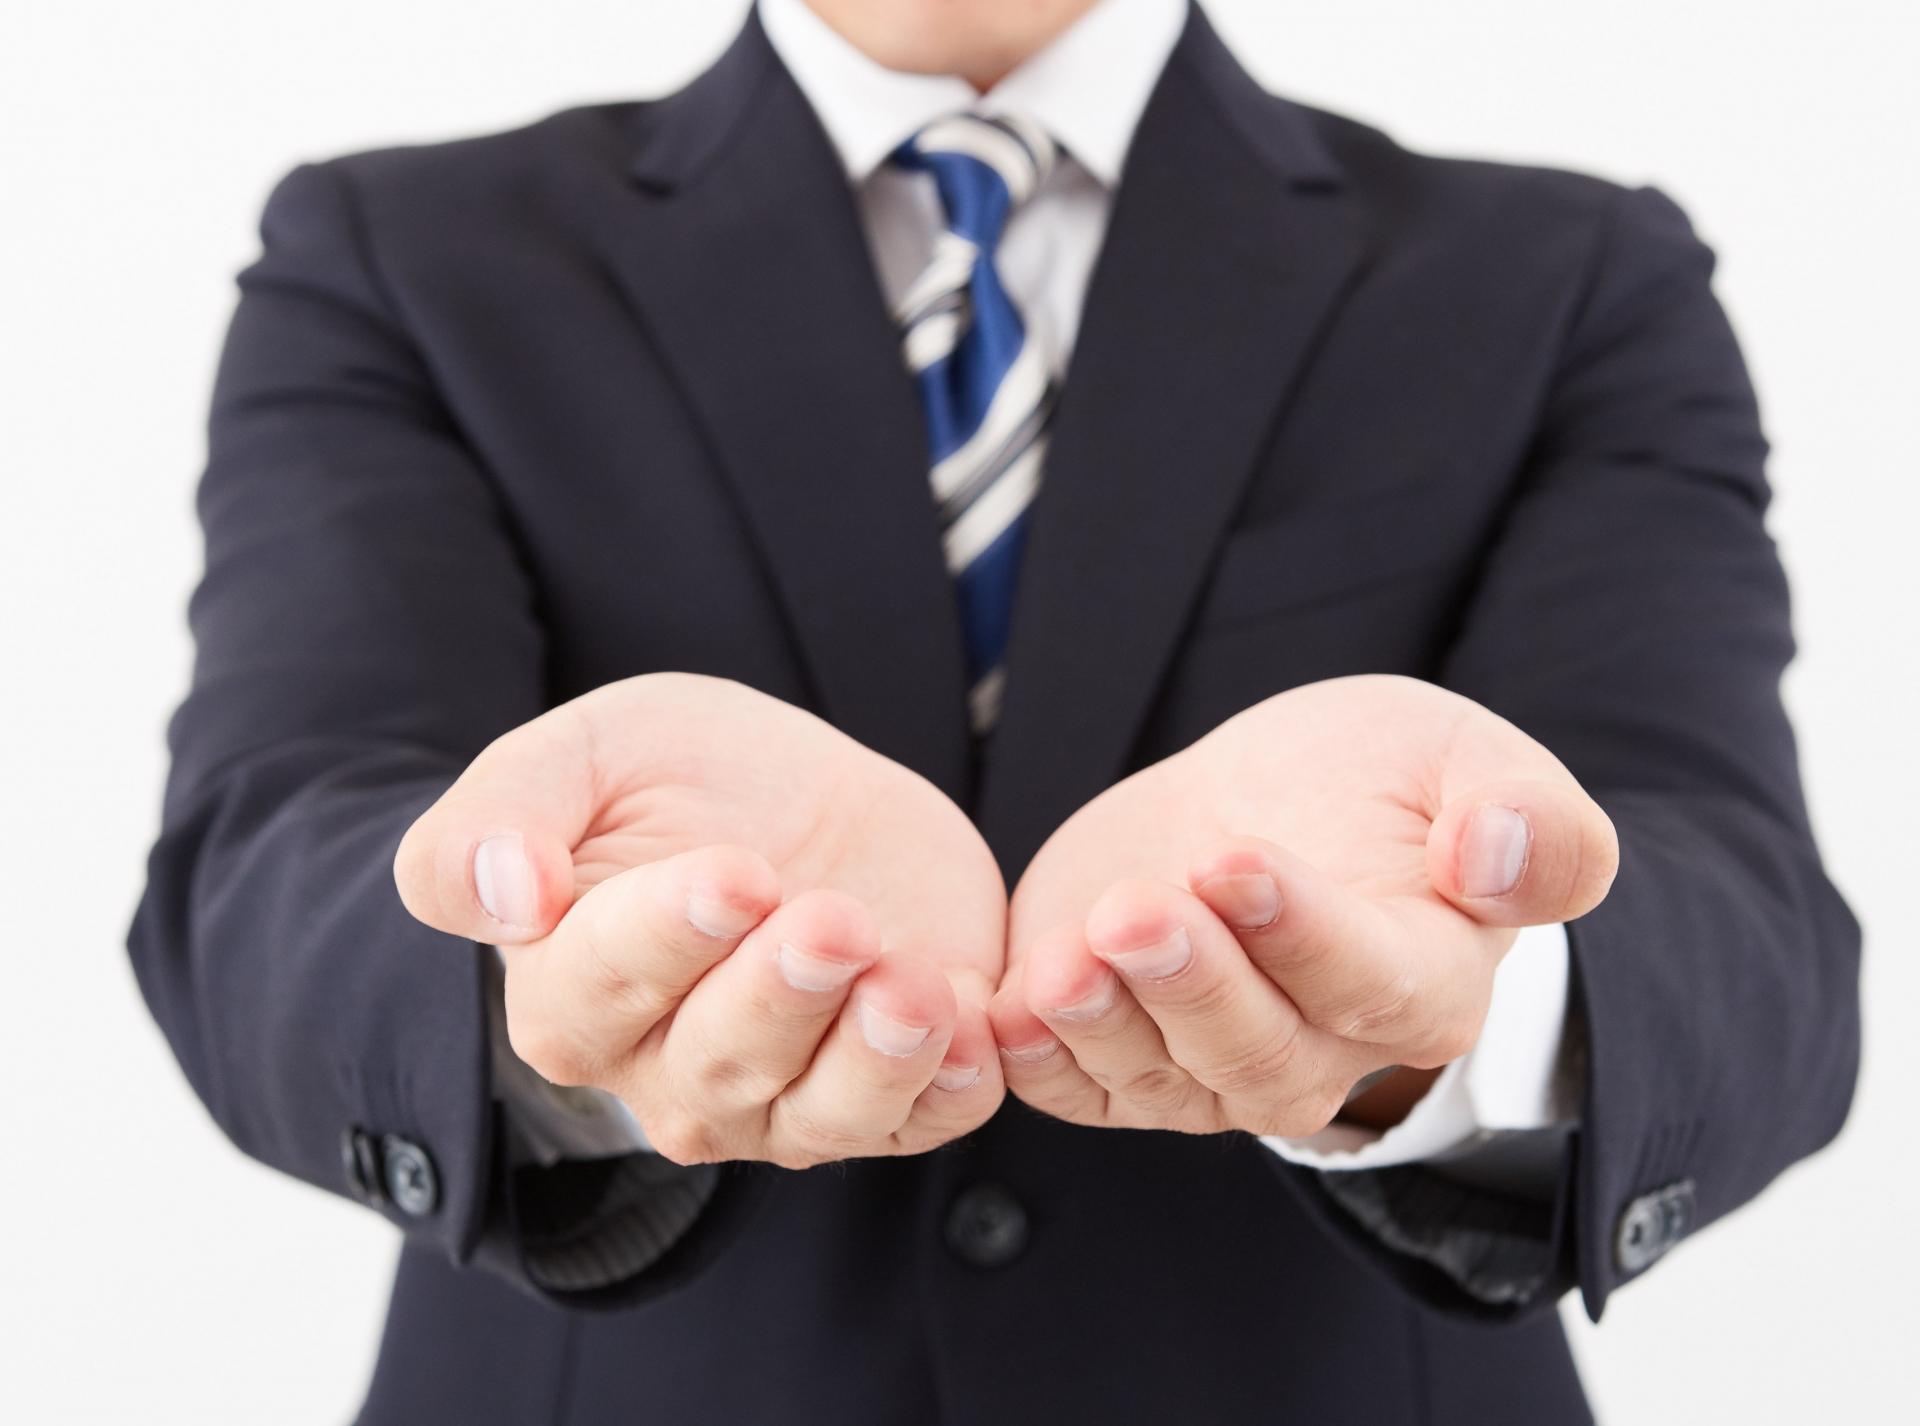 契約率を劇的に高めるクロージング 6つの重要ポイント_差し出す